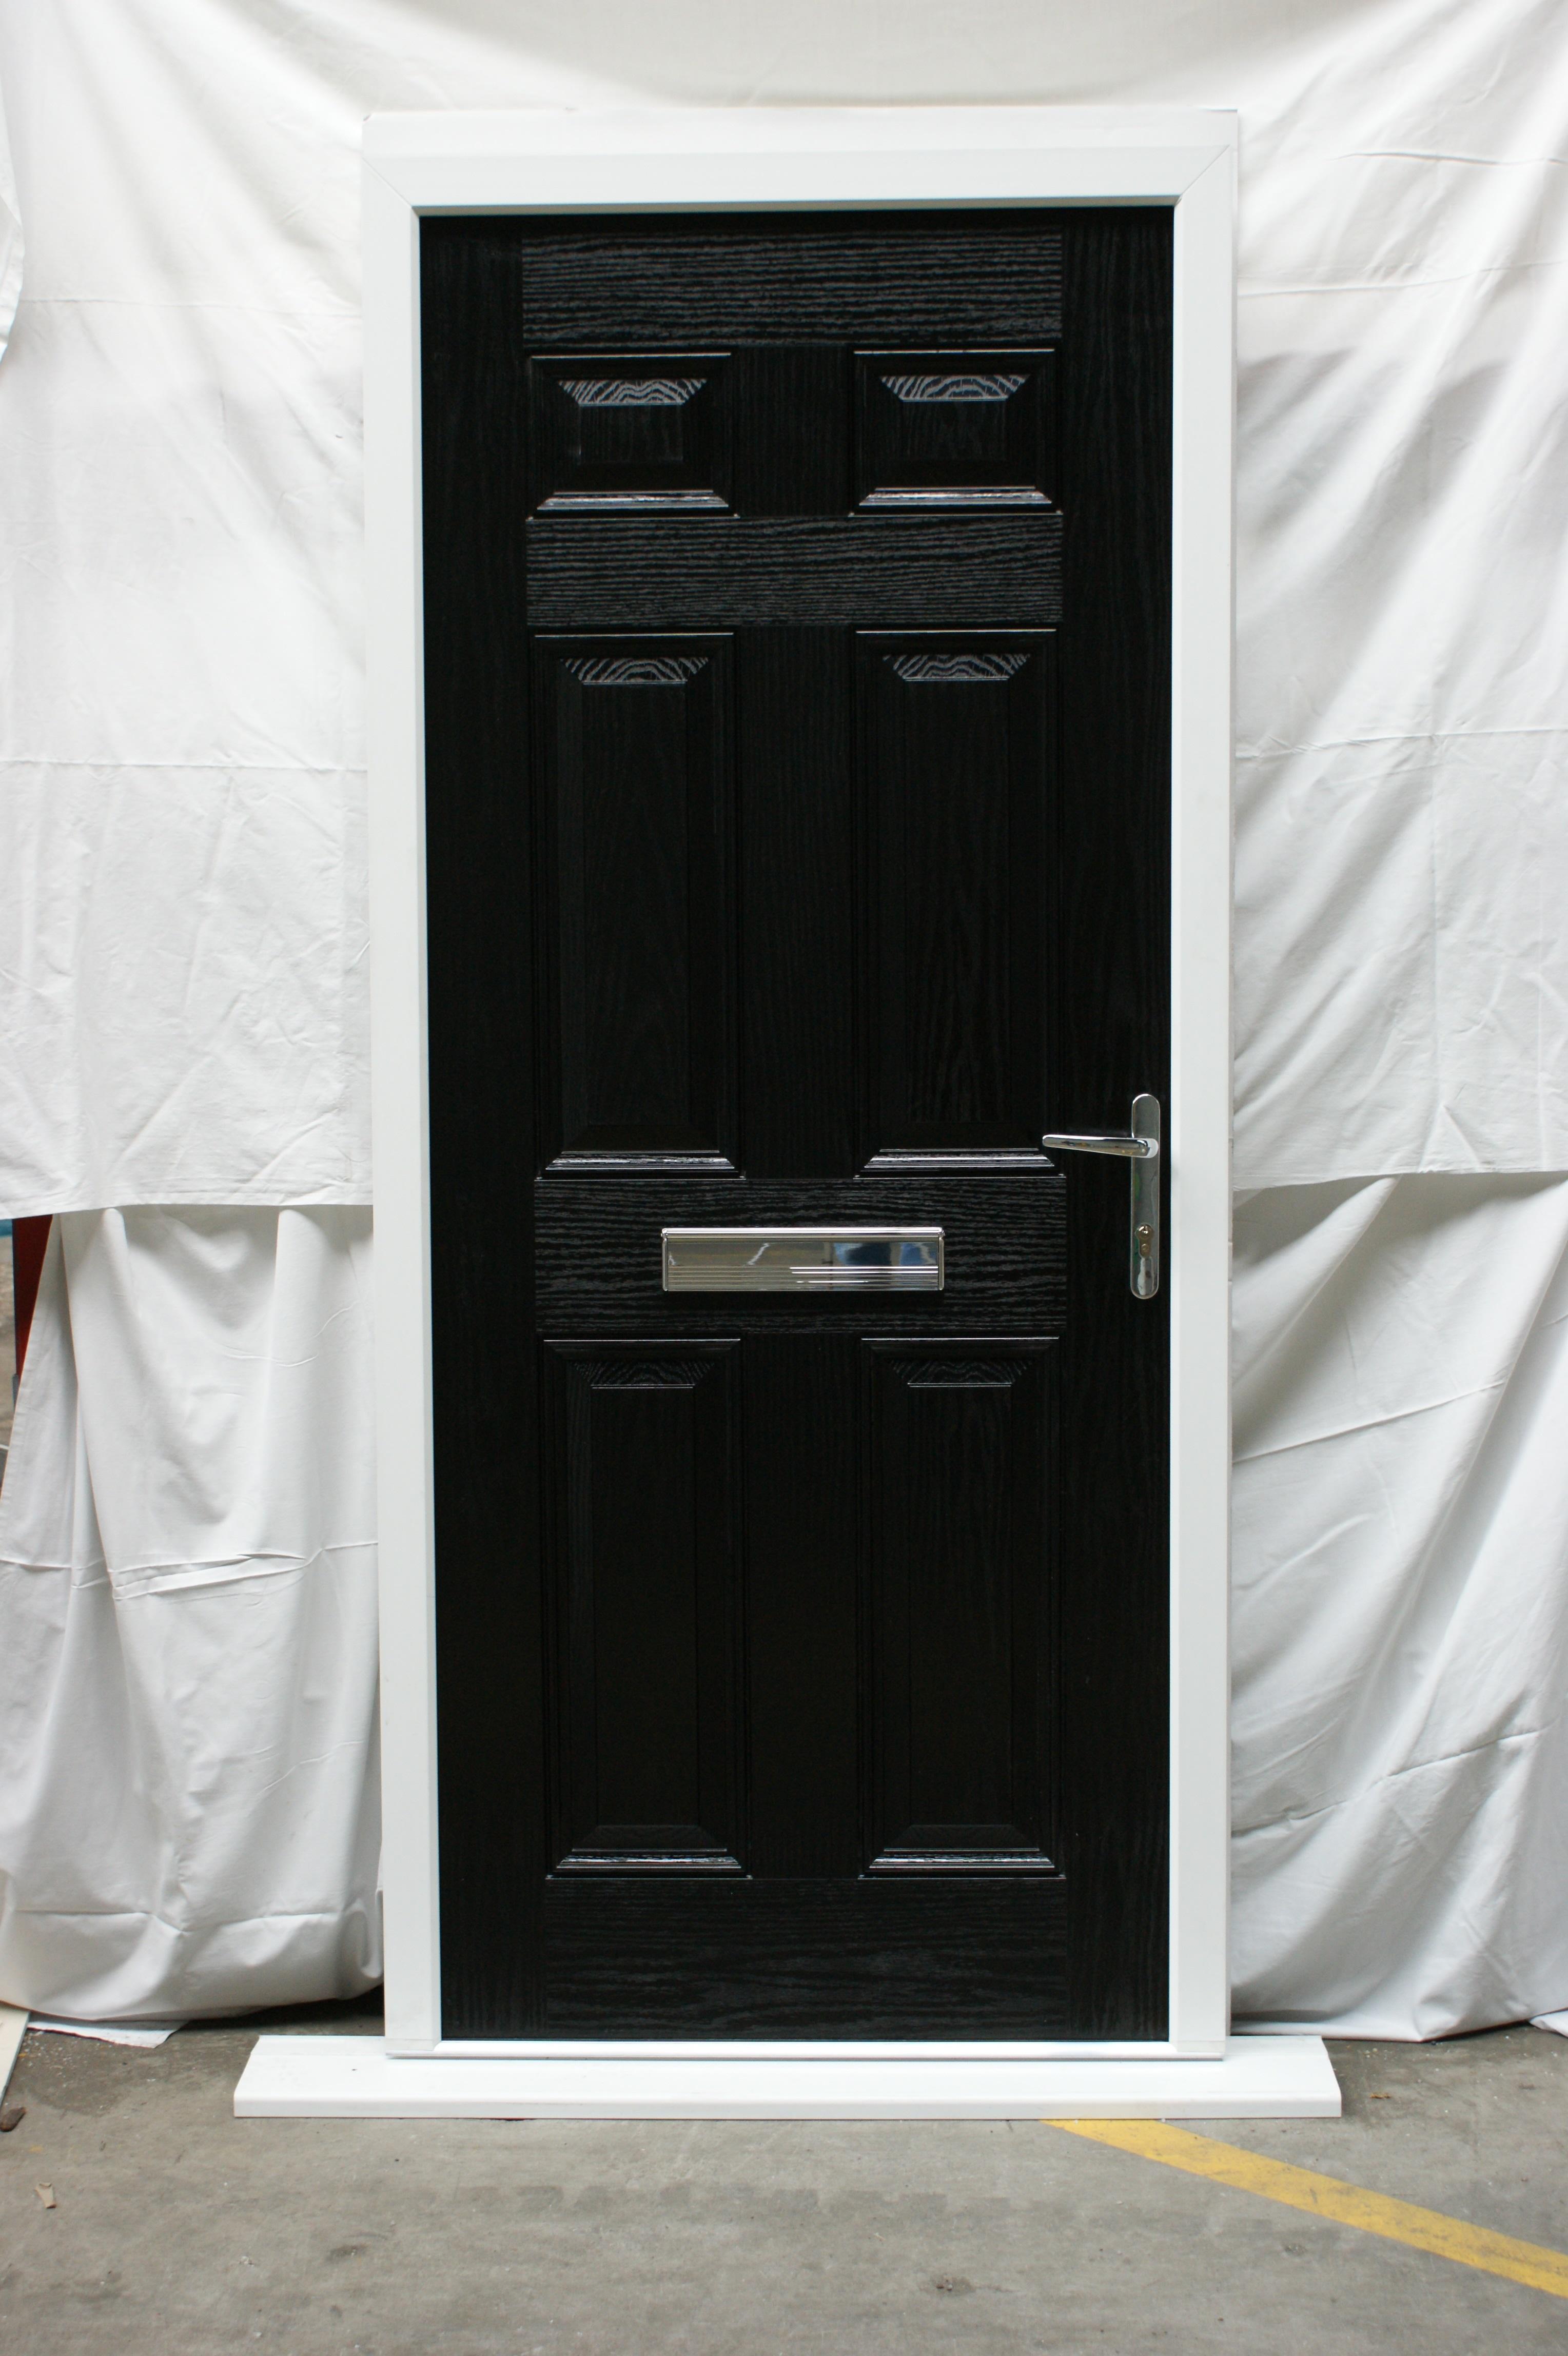 4592 #7A7051 Doors Shop Composite Front Doors Old Composite Regency Black 3ft  wallpaper 3ft French Doors 46653056